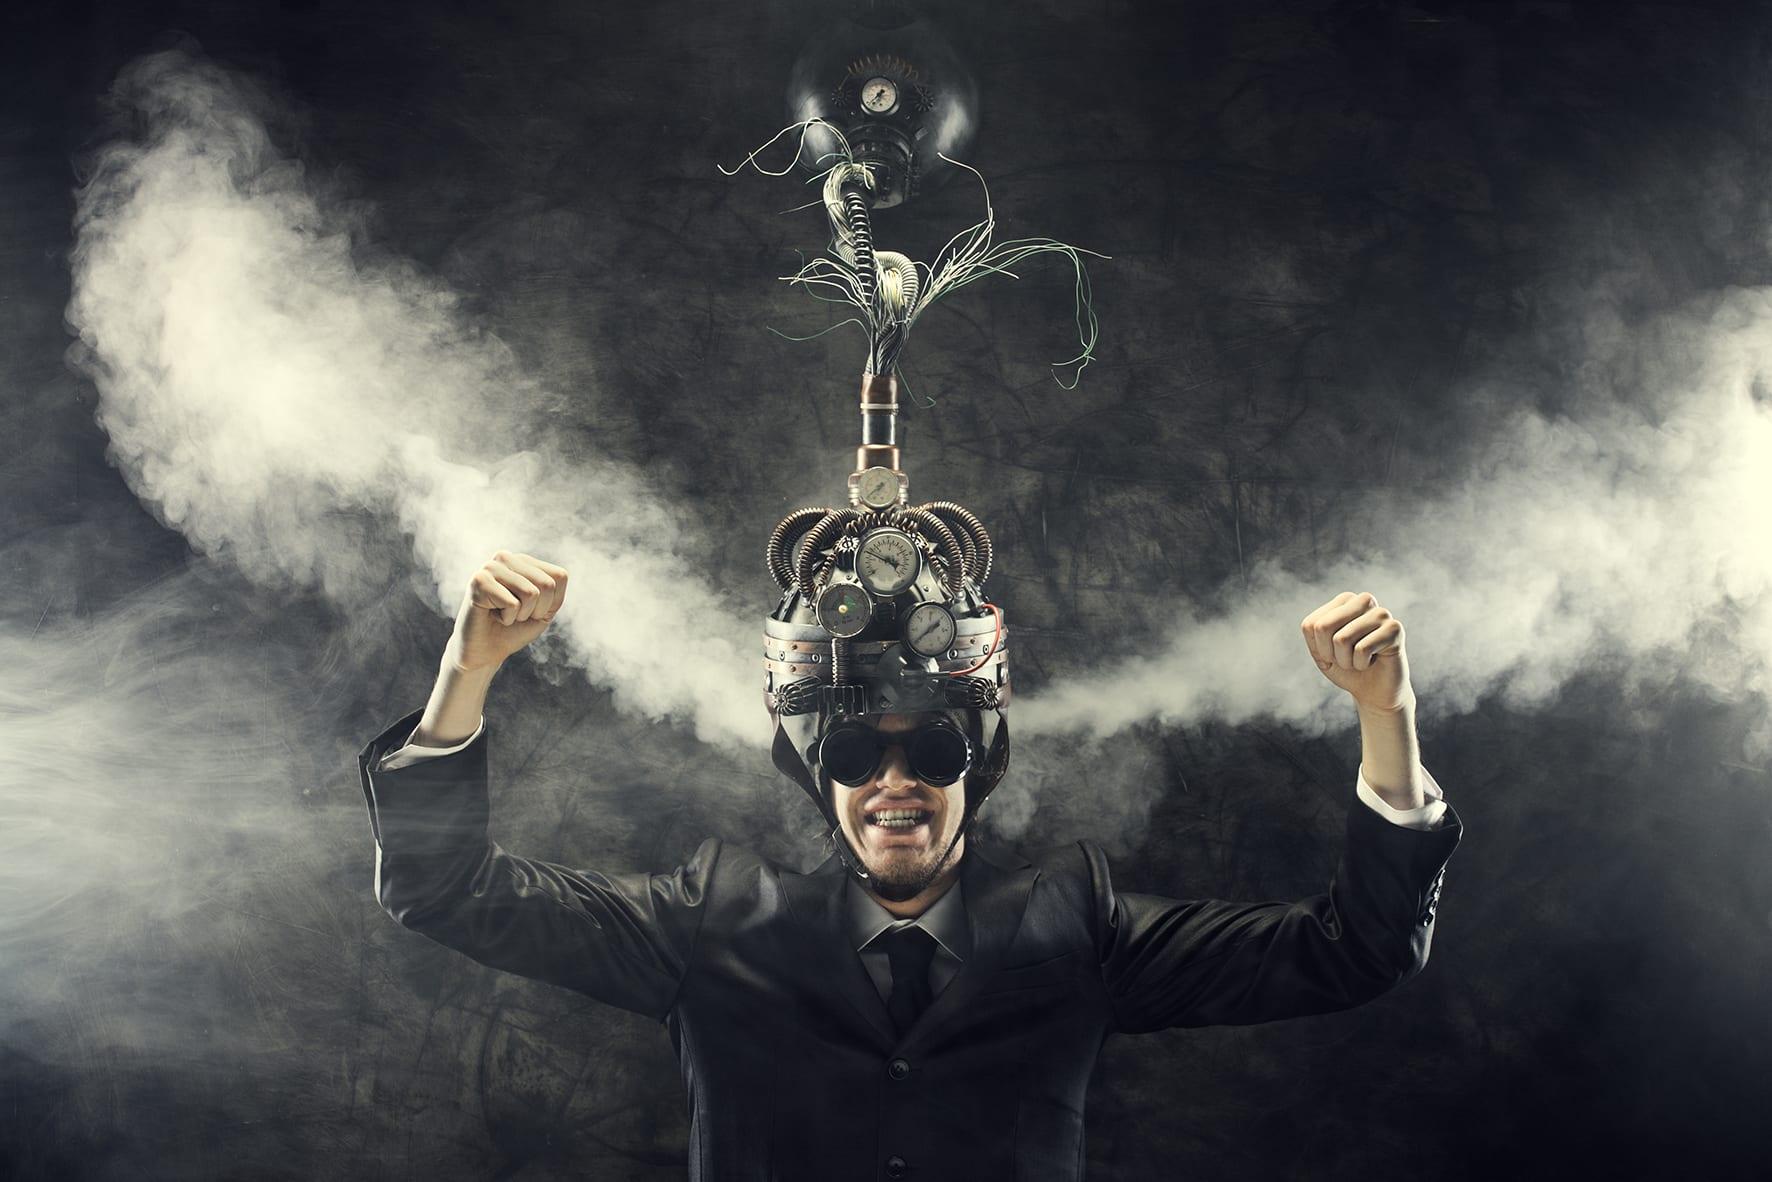 Zelador ou transformador? O que os contratantes esperam da sua atuação?